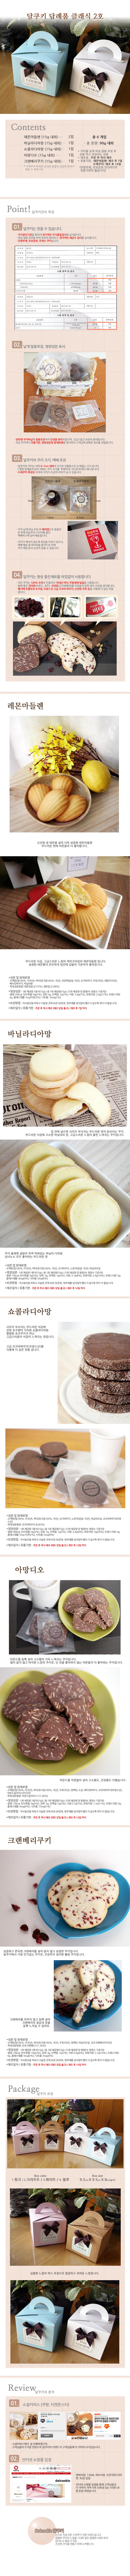 클래식 수제쿠키 2호 - 달쿠키, 5,860원, 쿠키/케익/빵, 쿠키